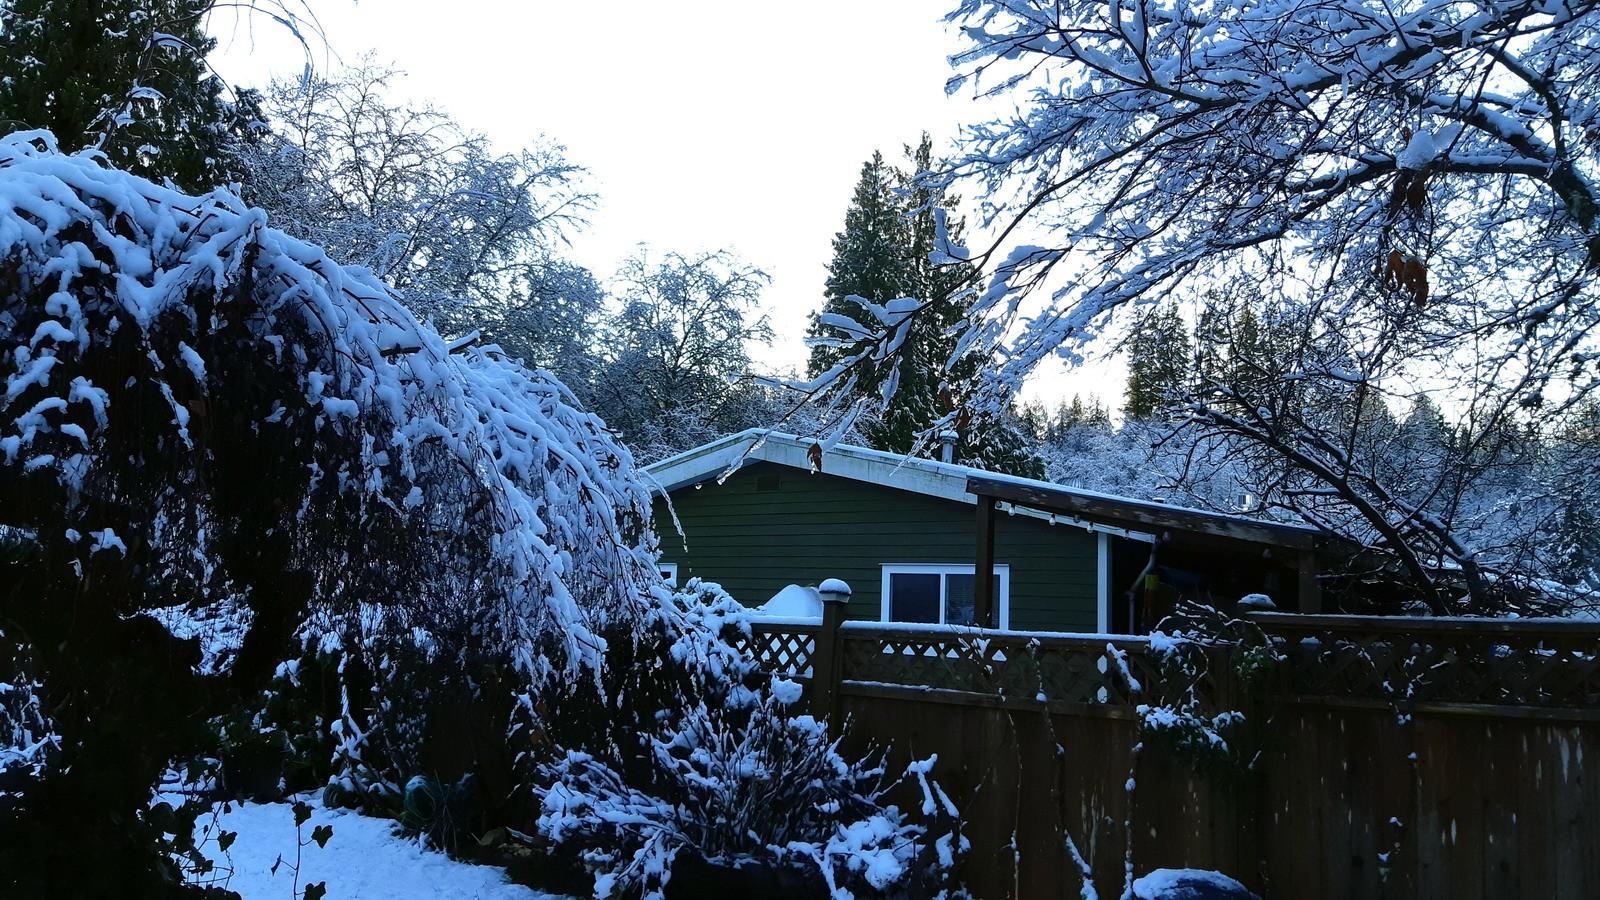 Winter wonderland Dec 22 2020 2.jpg